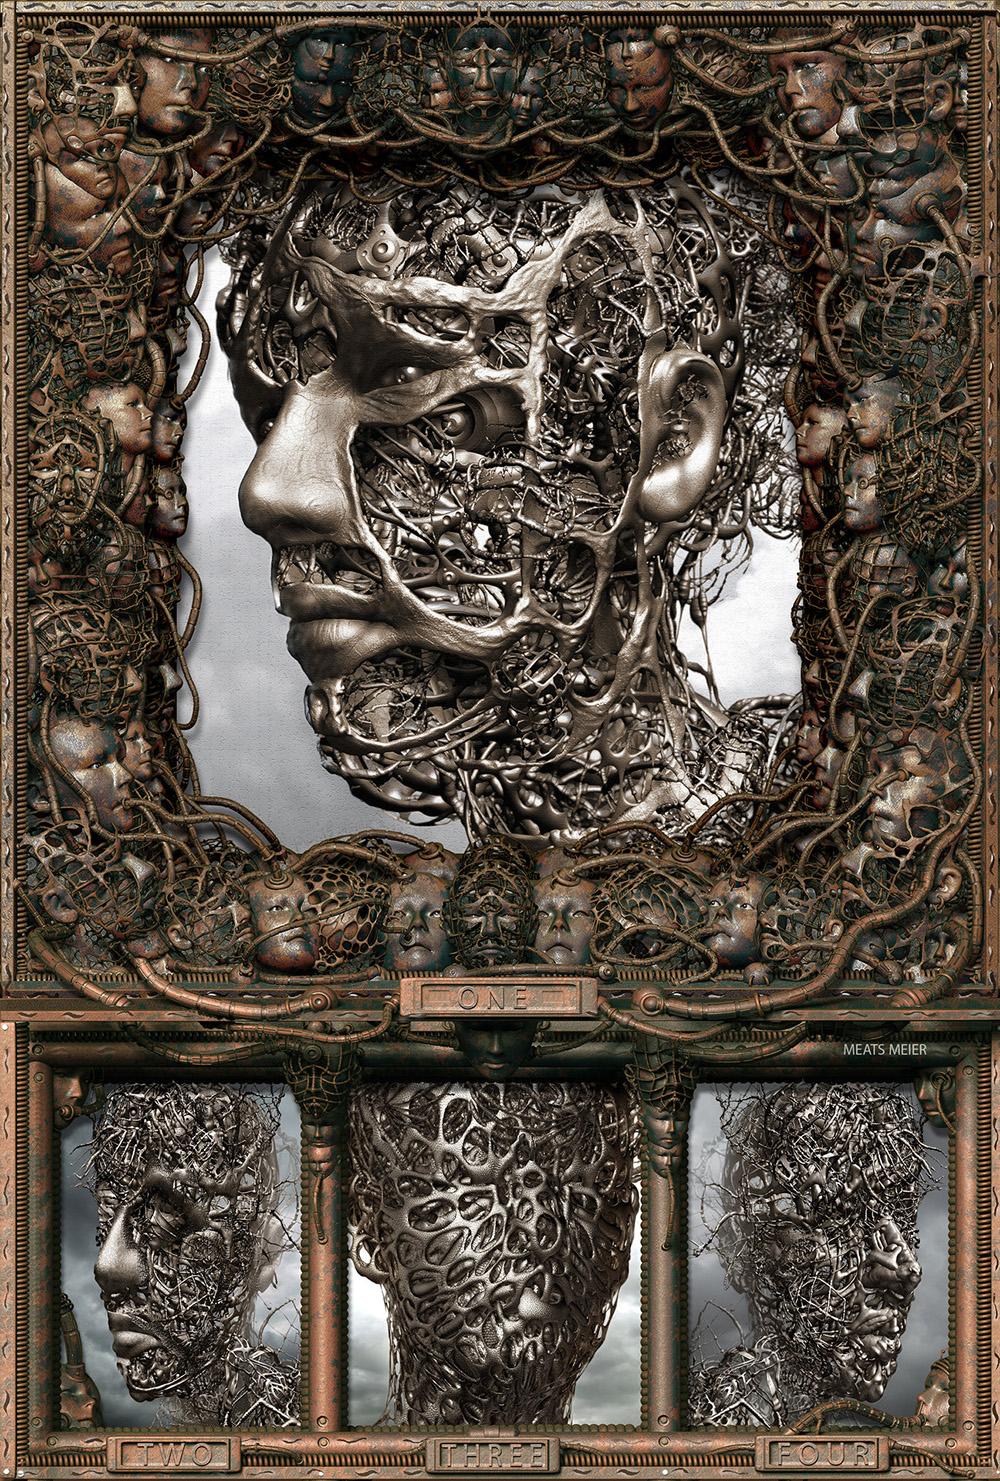 Crea.Tips - Sanat - Dgital Art - Dijital Sanat - Meats Meier -3D - illüstrasyon - Wire Heads